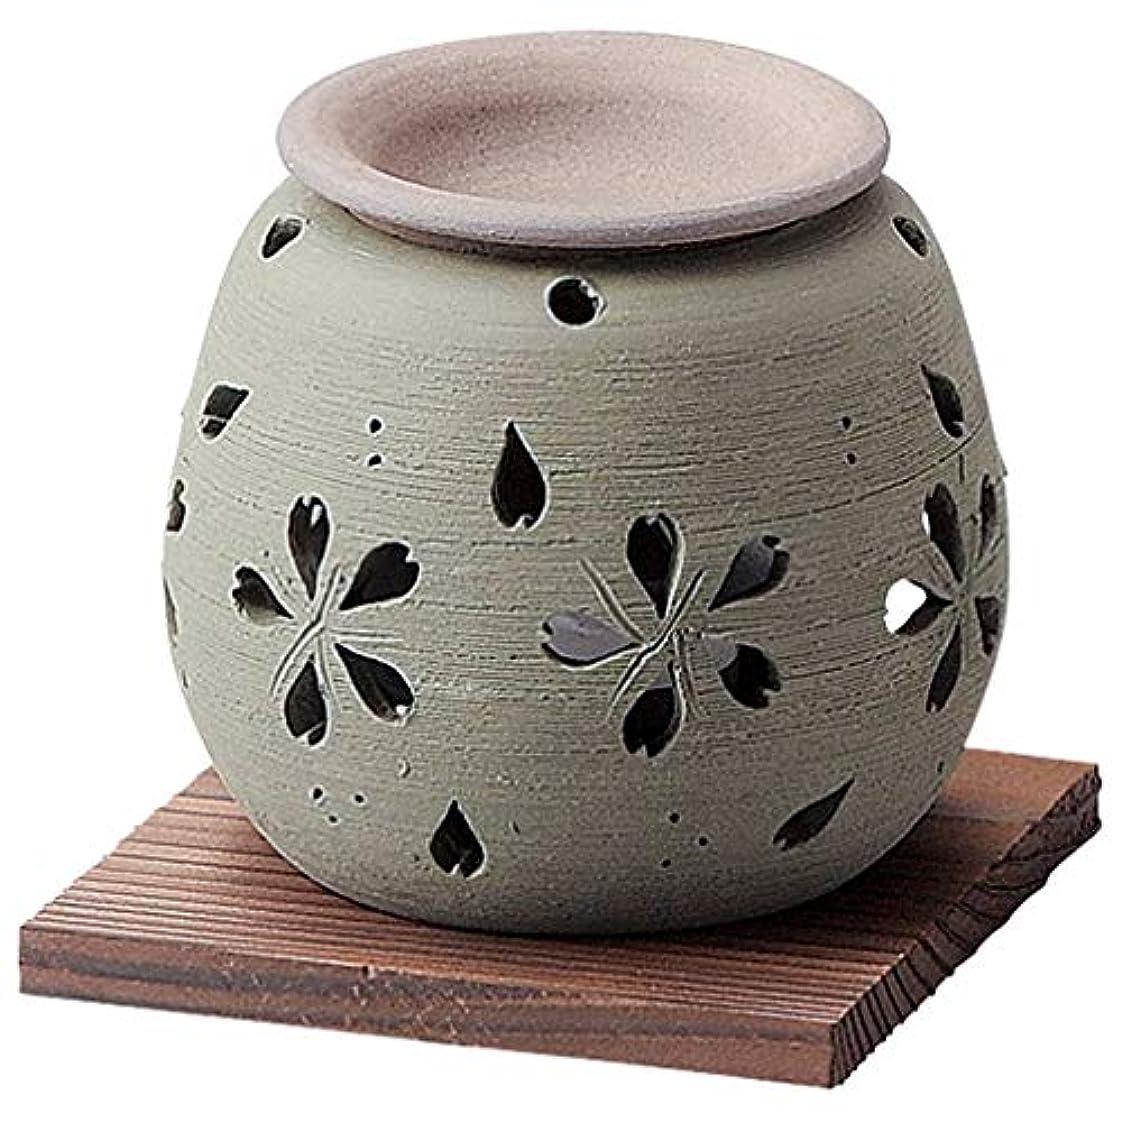 審判詳細なラウンジお部屋の消臭に!■常滑焼【茶香炉】石龍作 緑桜茶香炉